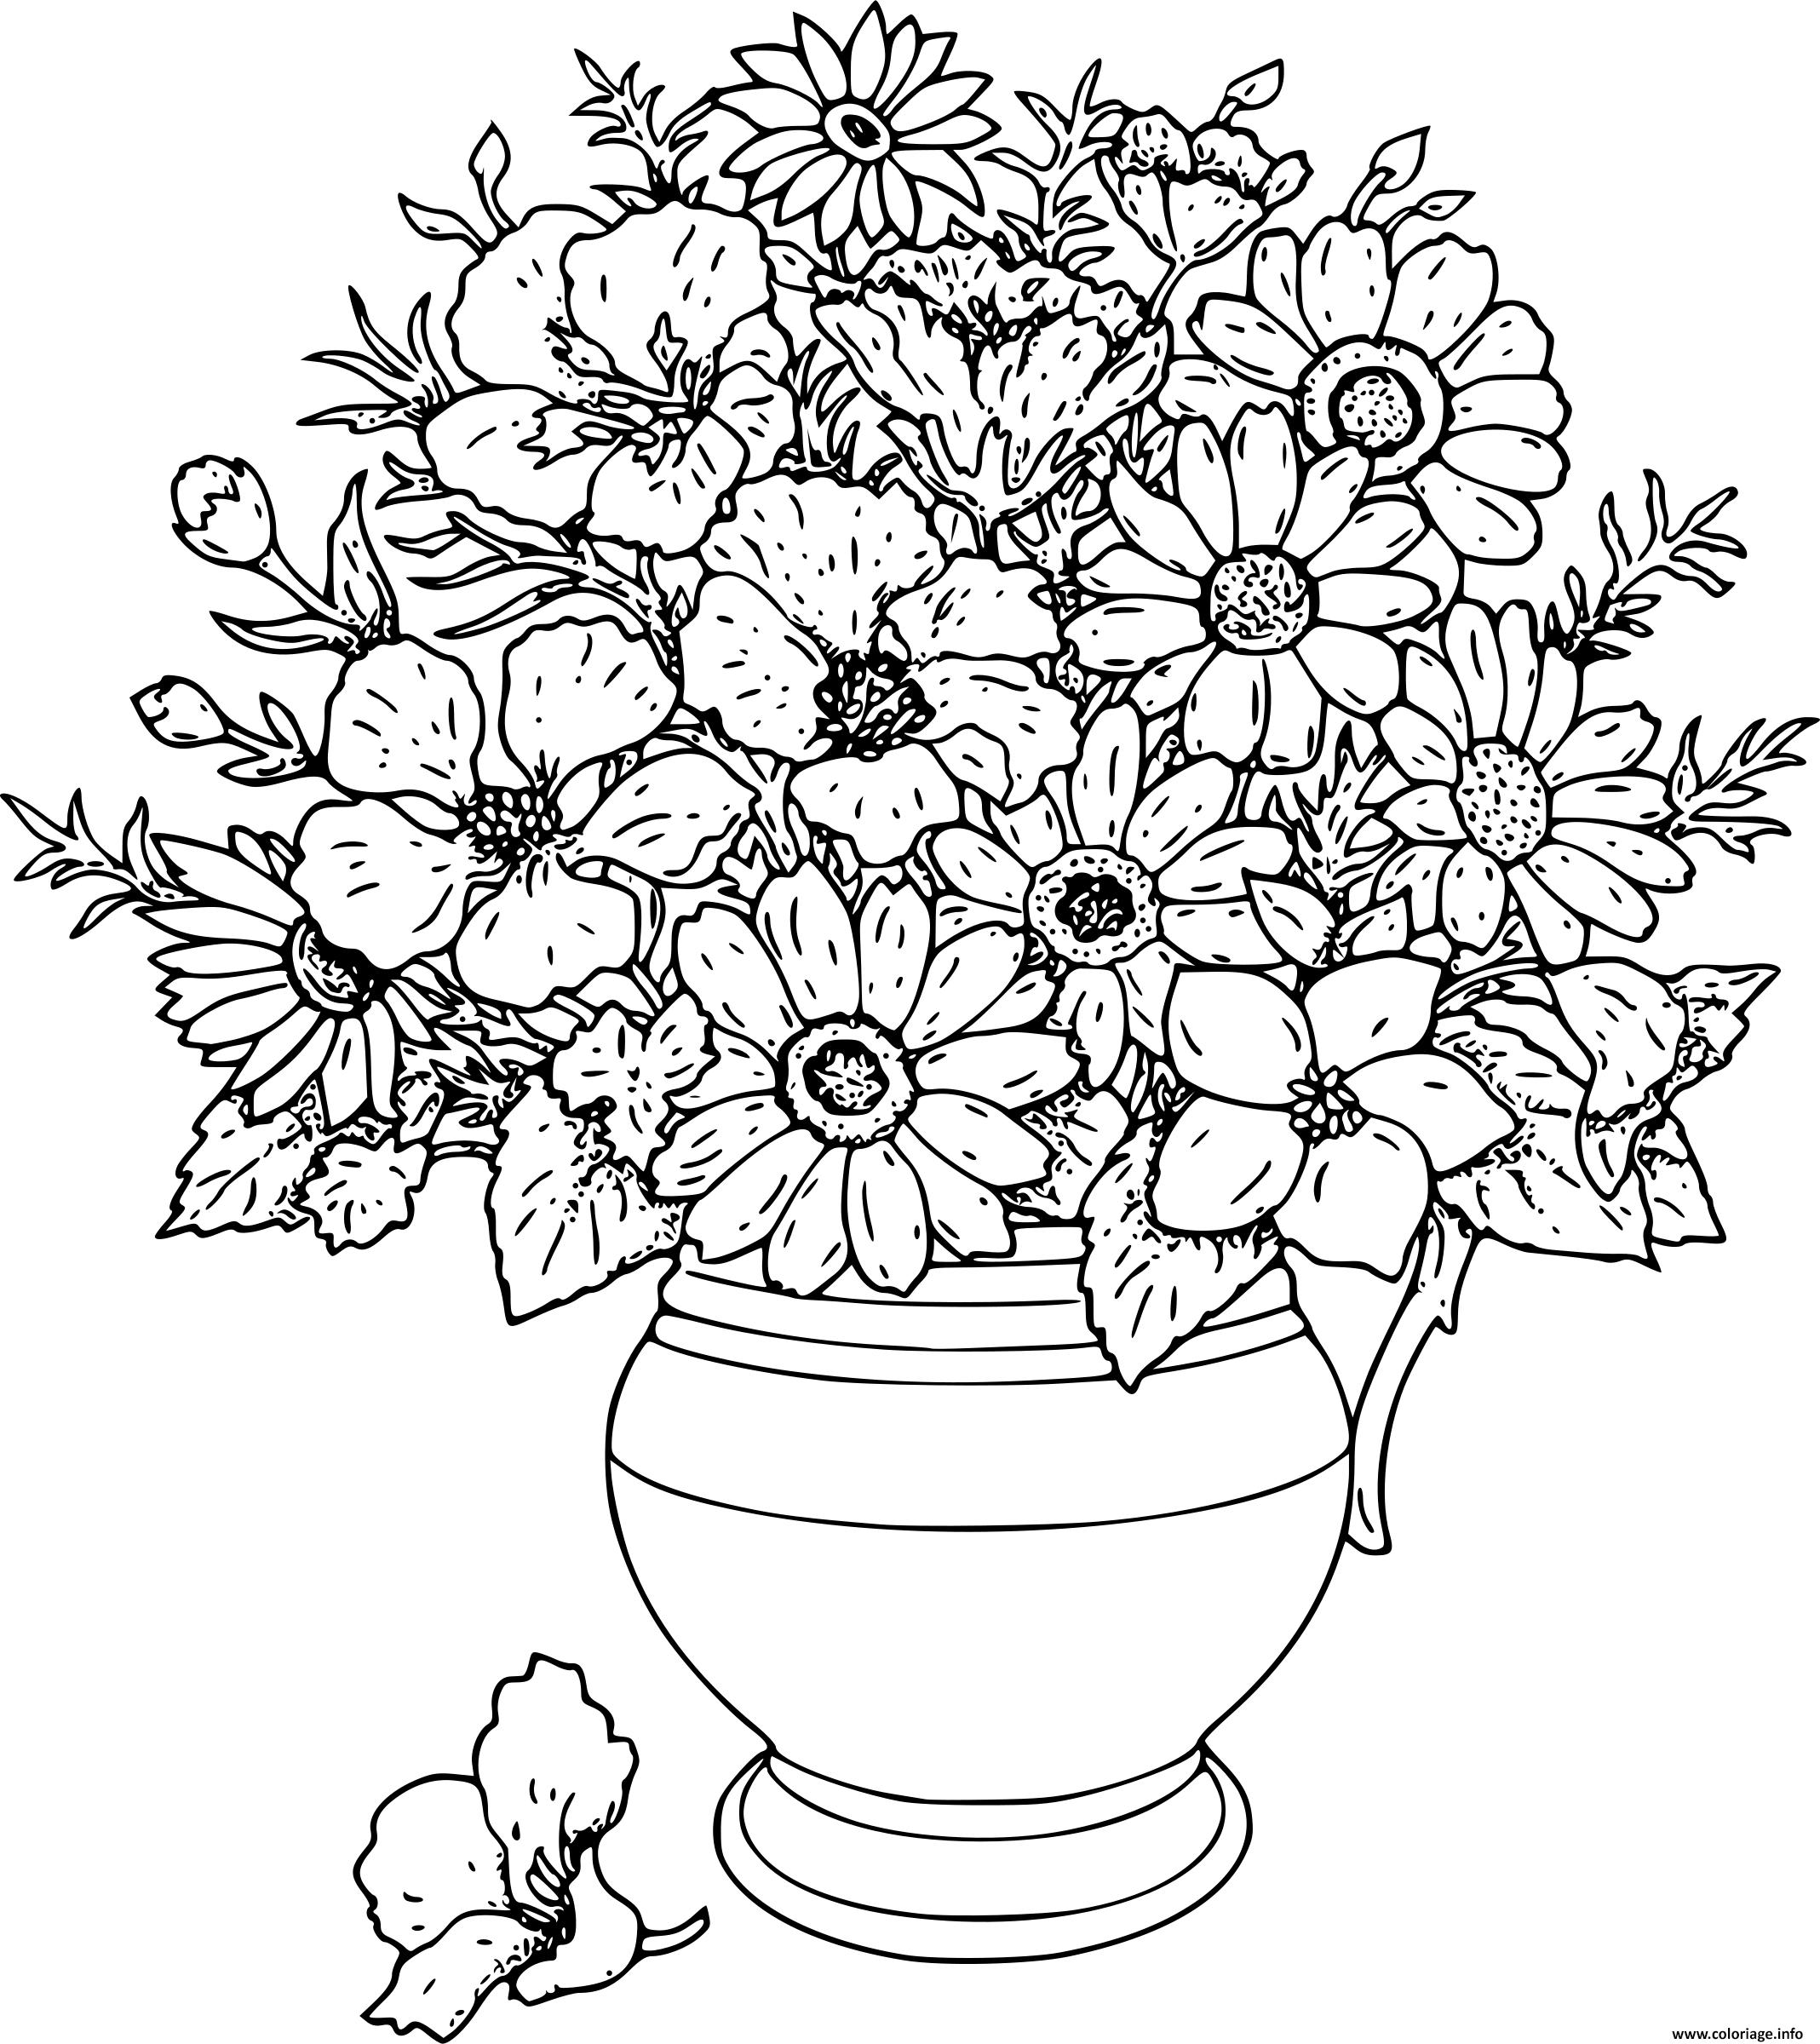 Dessin bouquet de fleurs adulte Coloriage Gratuit à Imprimer